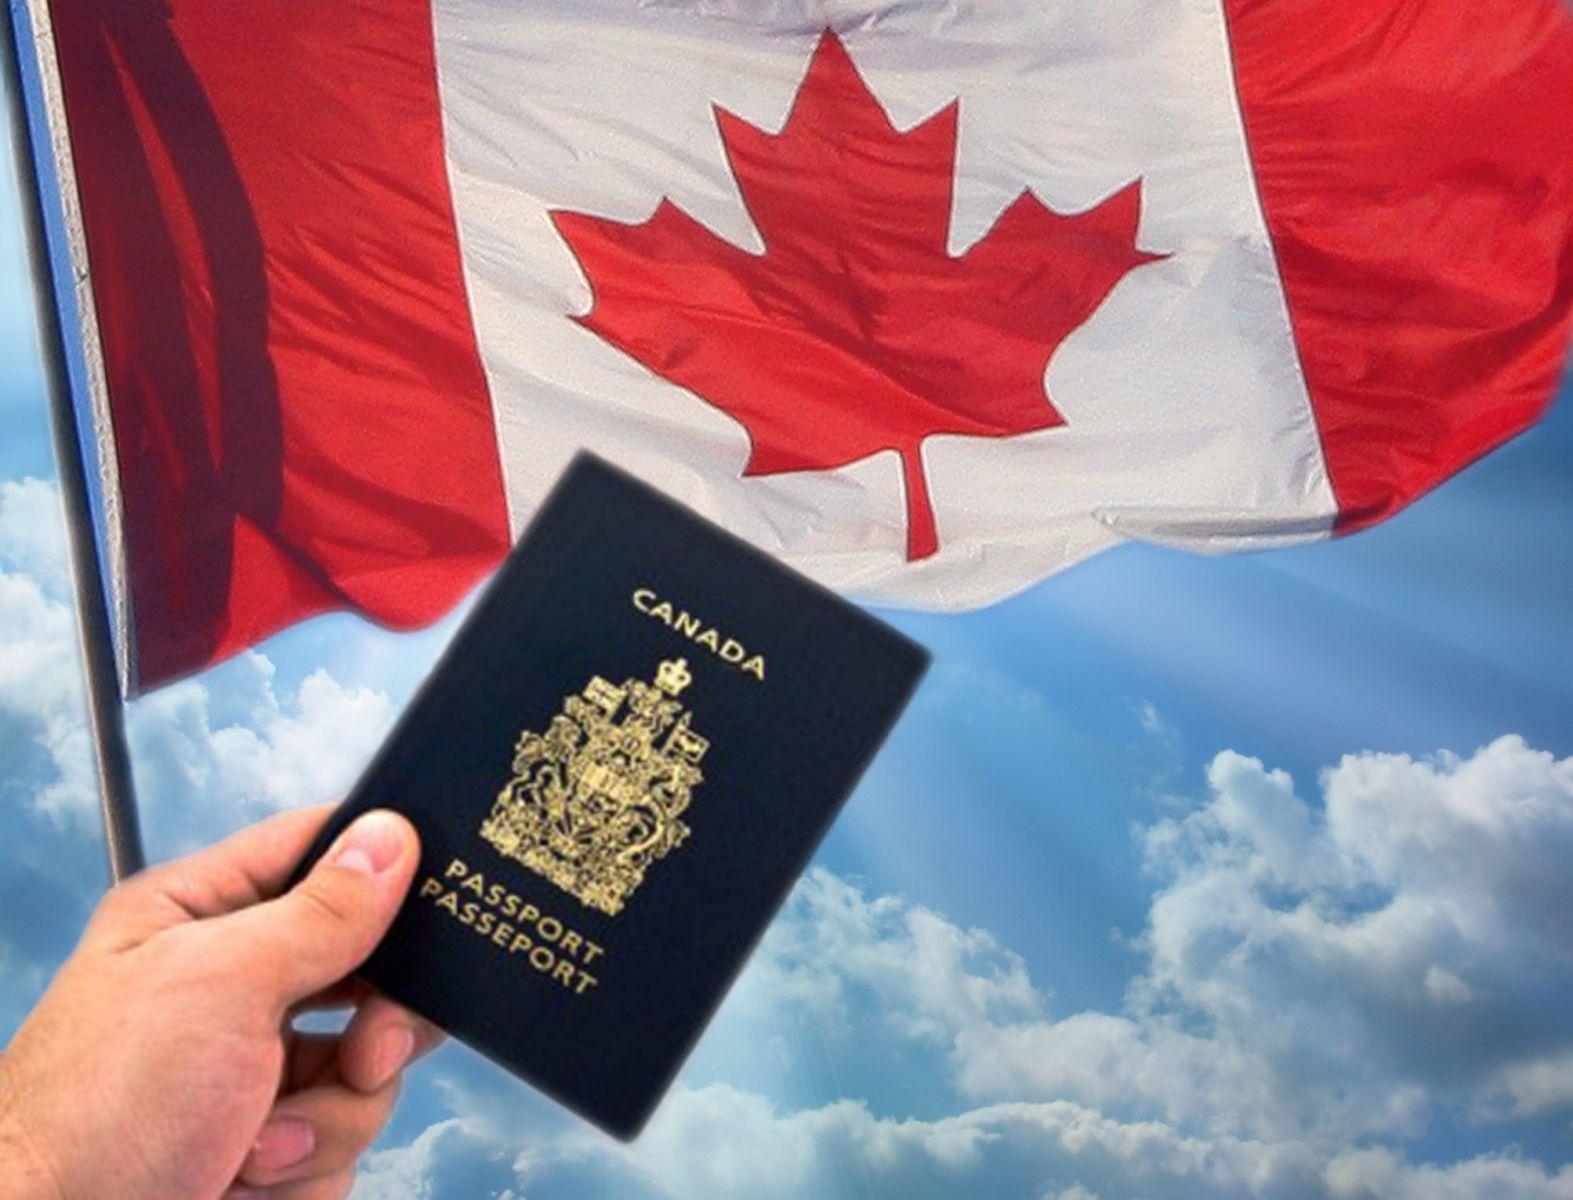 Tìm hiểu về điều kiện và các bước làm hồ sơ du học Canada